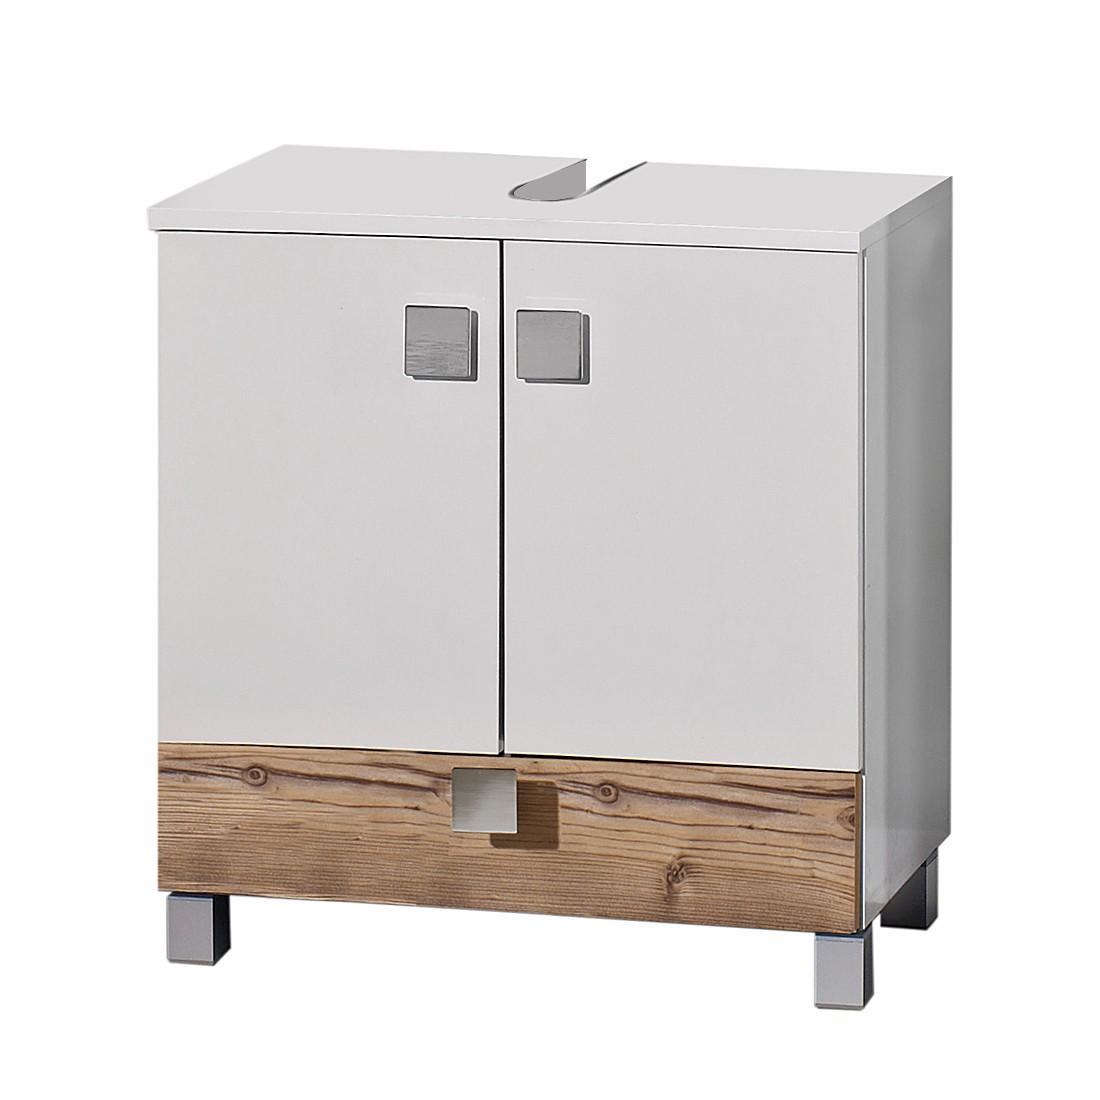 Vente meuble salle de bain meubles sous vasque tritoo for Meuble jardin montreal